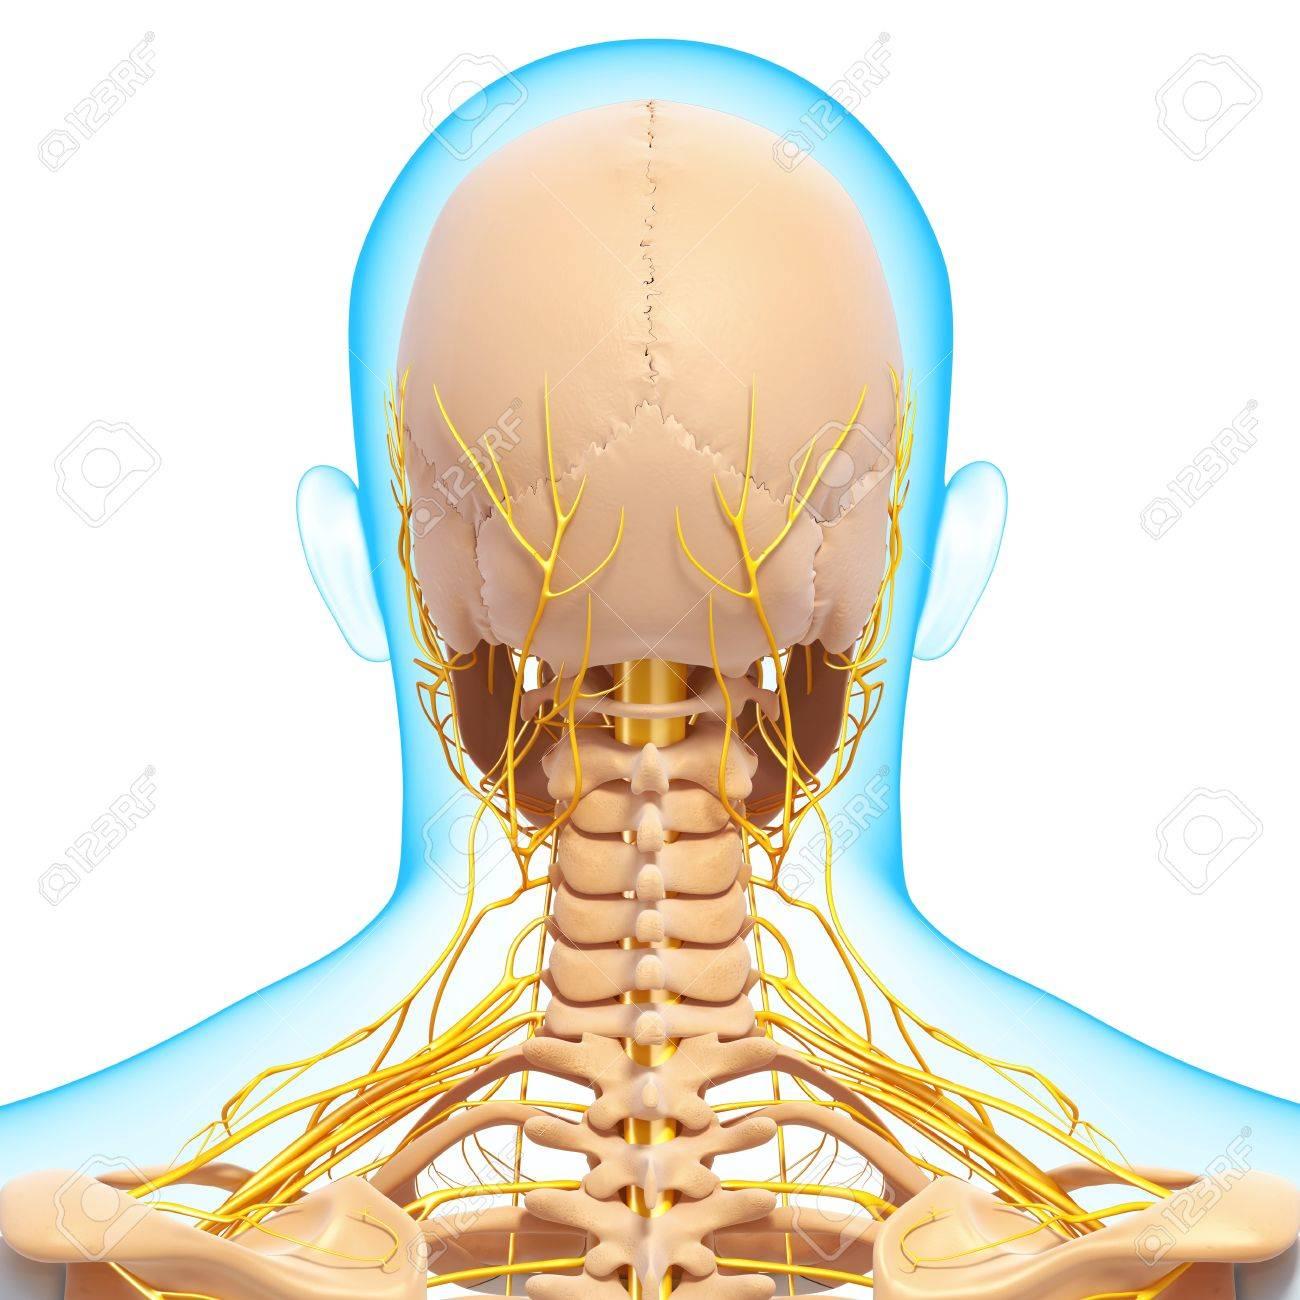 Vista Posterior Del Sistema Nervioso Humano Esquelético Fotos ...